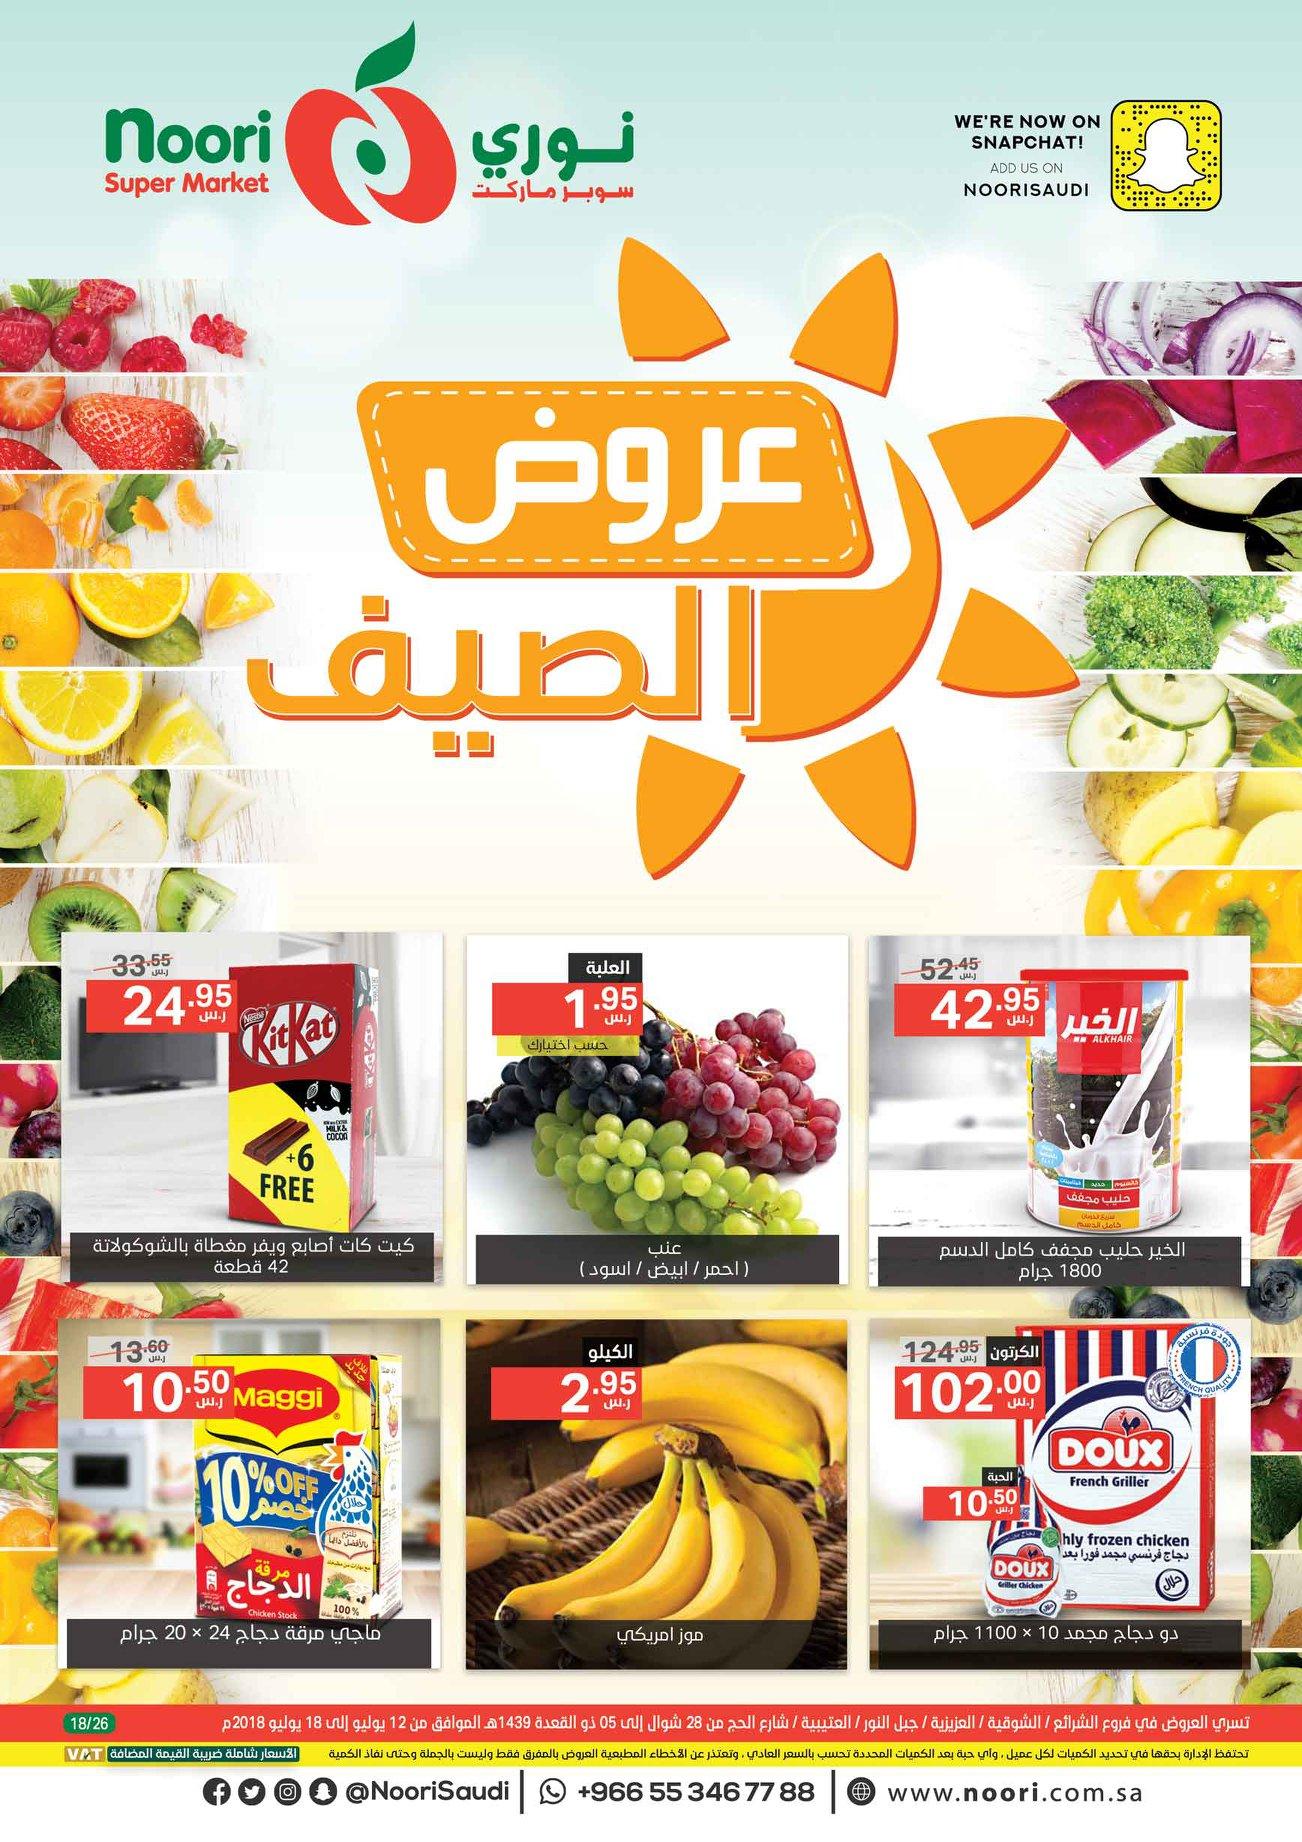 عروض نوري اليوم الخميس 12 يوليو 2018-عروض الاسبوع الجديدة